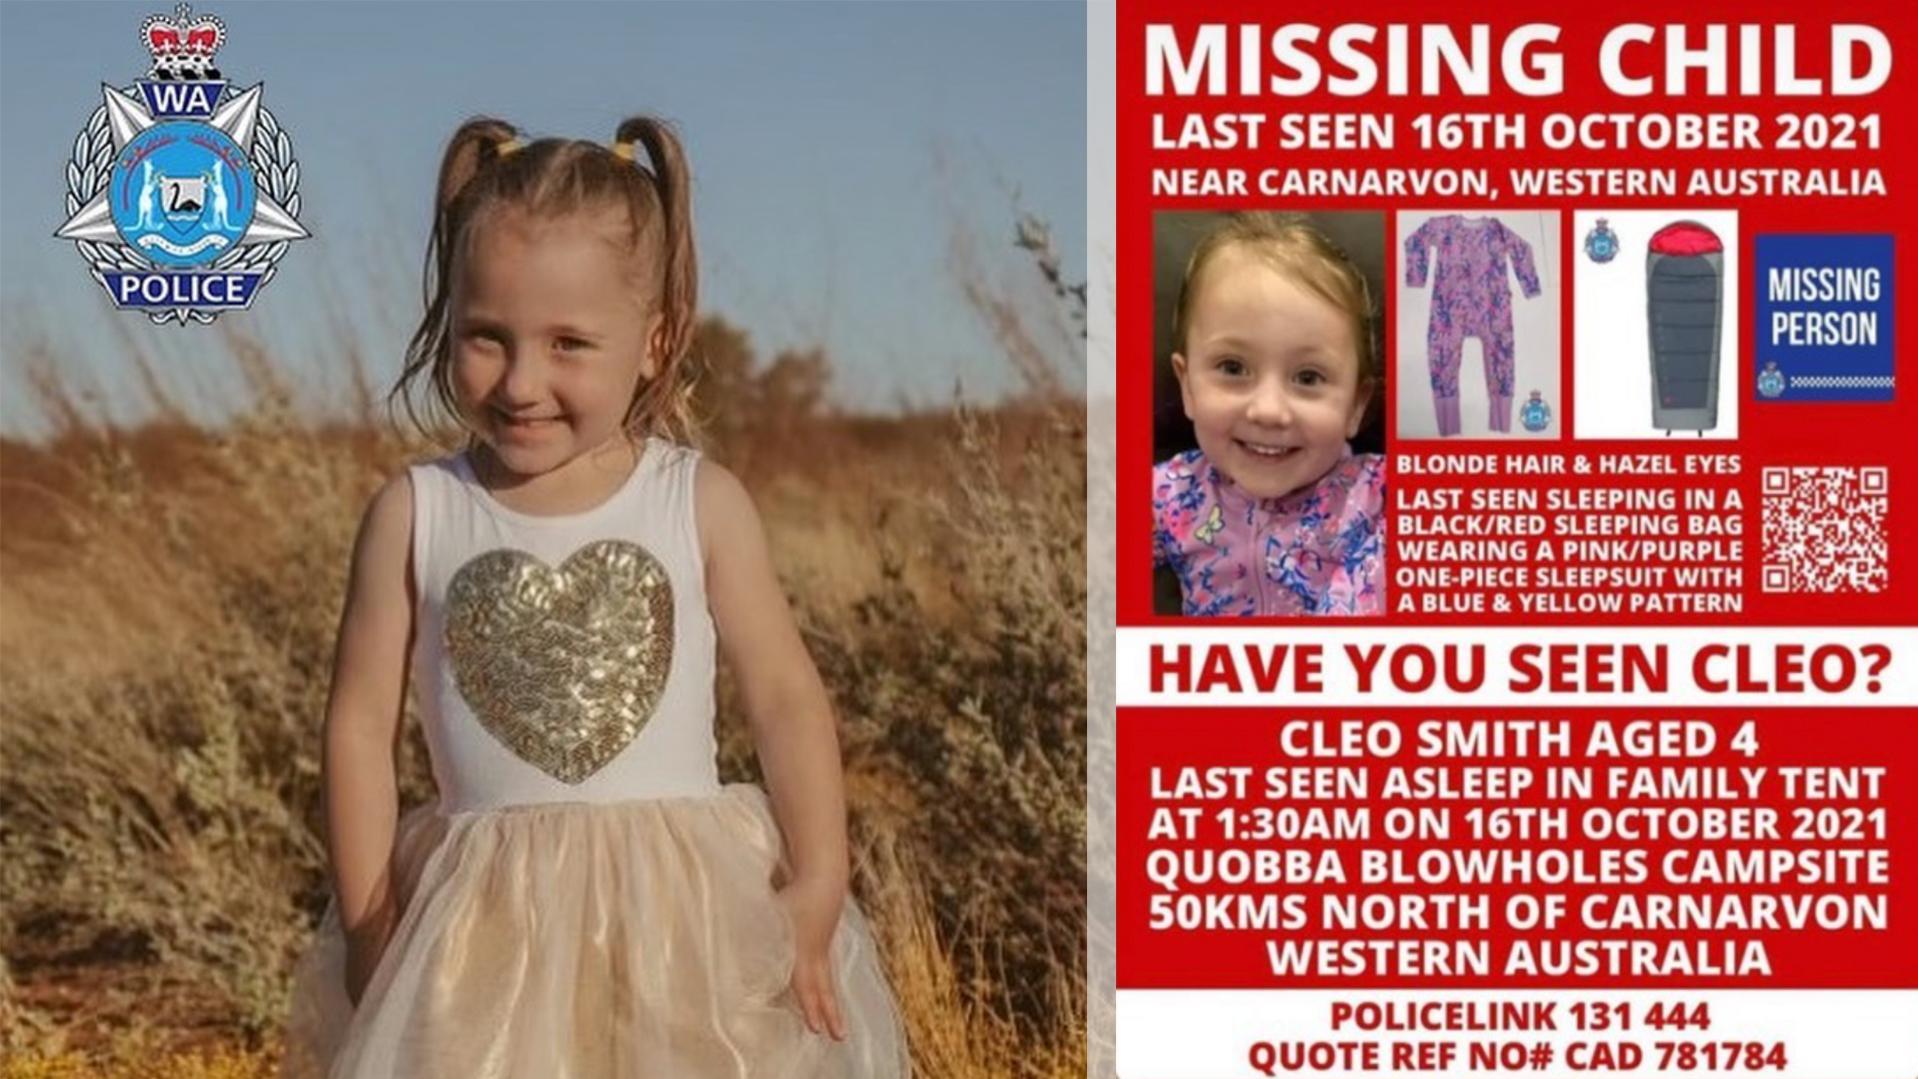 Australien: Suche nach vermisster Cleo – Mutter postet herzzerreißende Nachricht an ihre Tochter